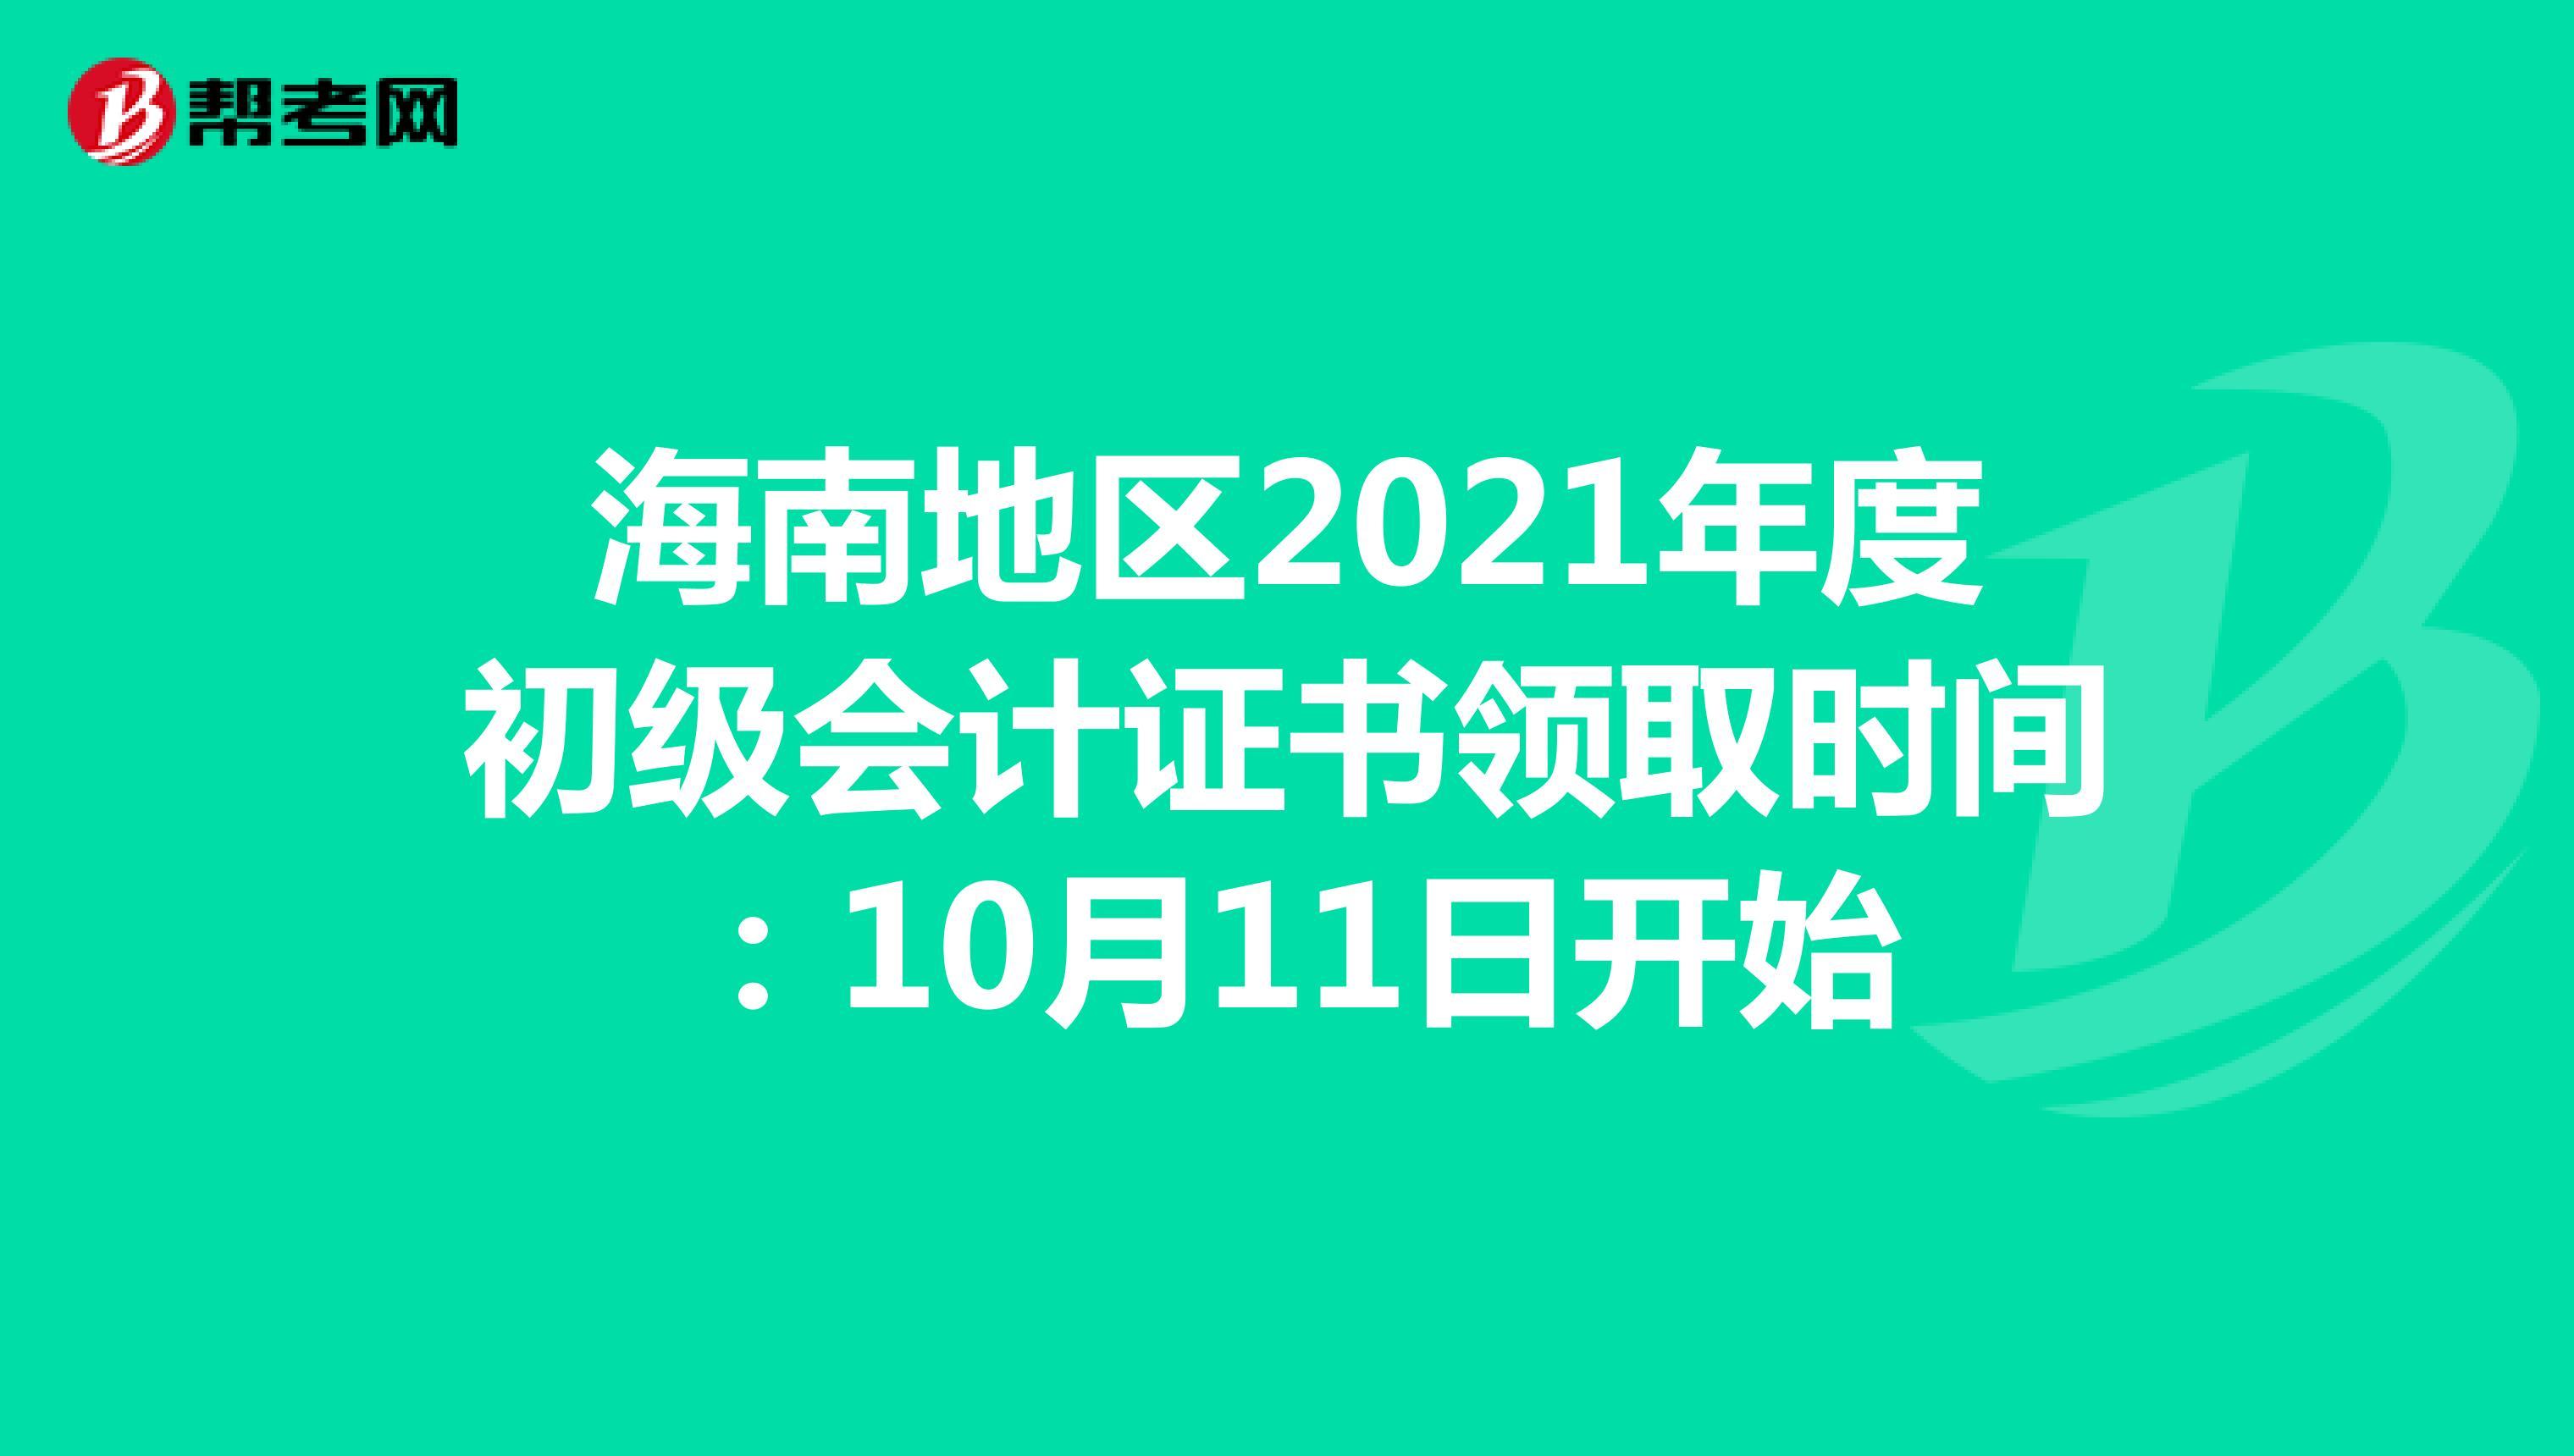 海南地区2021年度初级会计证书领取时间:10月11日开始